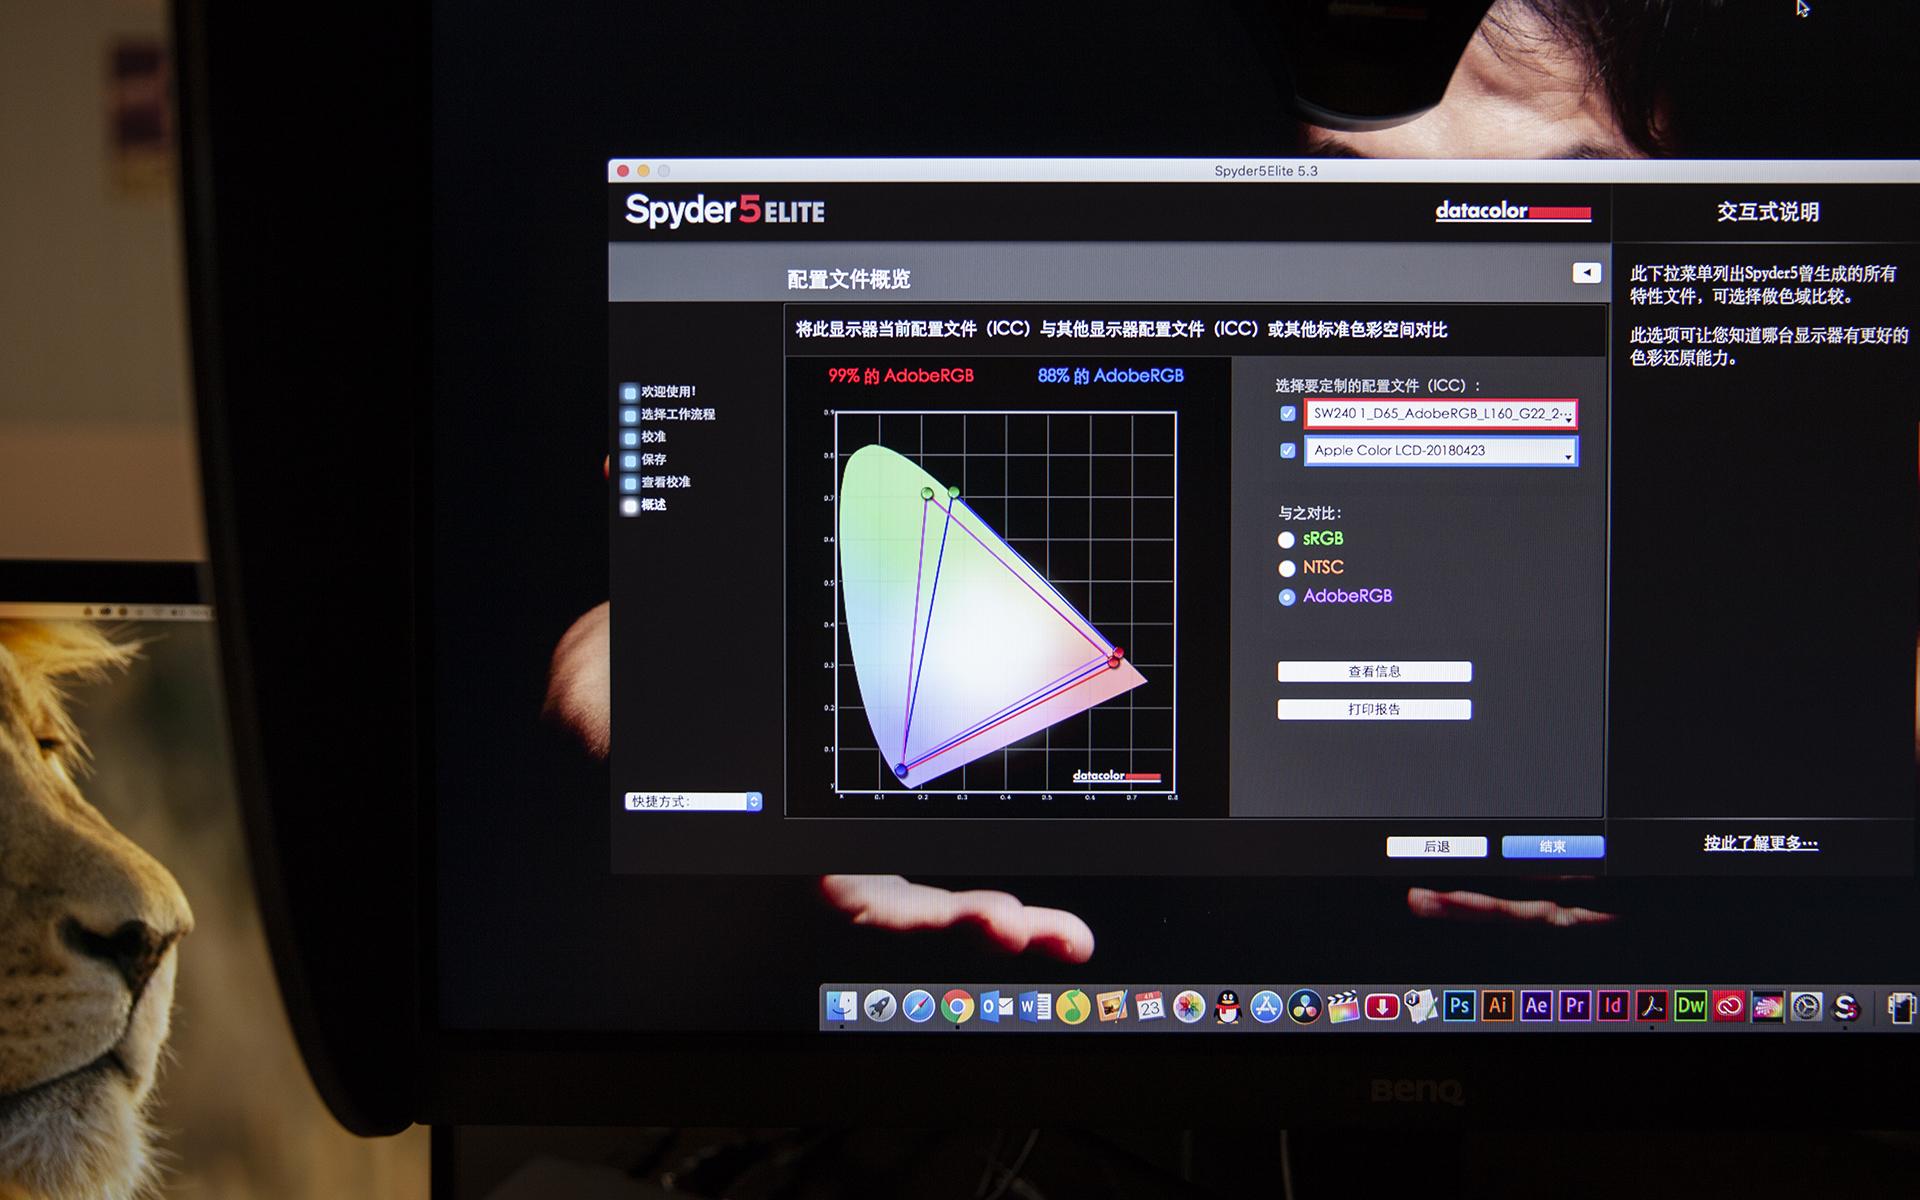 SW240专业摄影显示器使用体验 —— 米多饭香